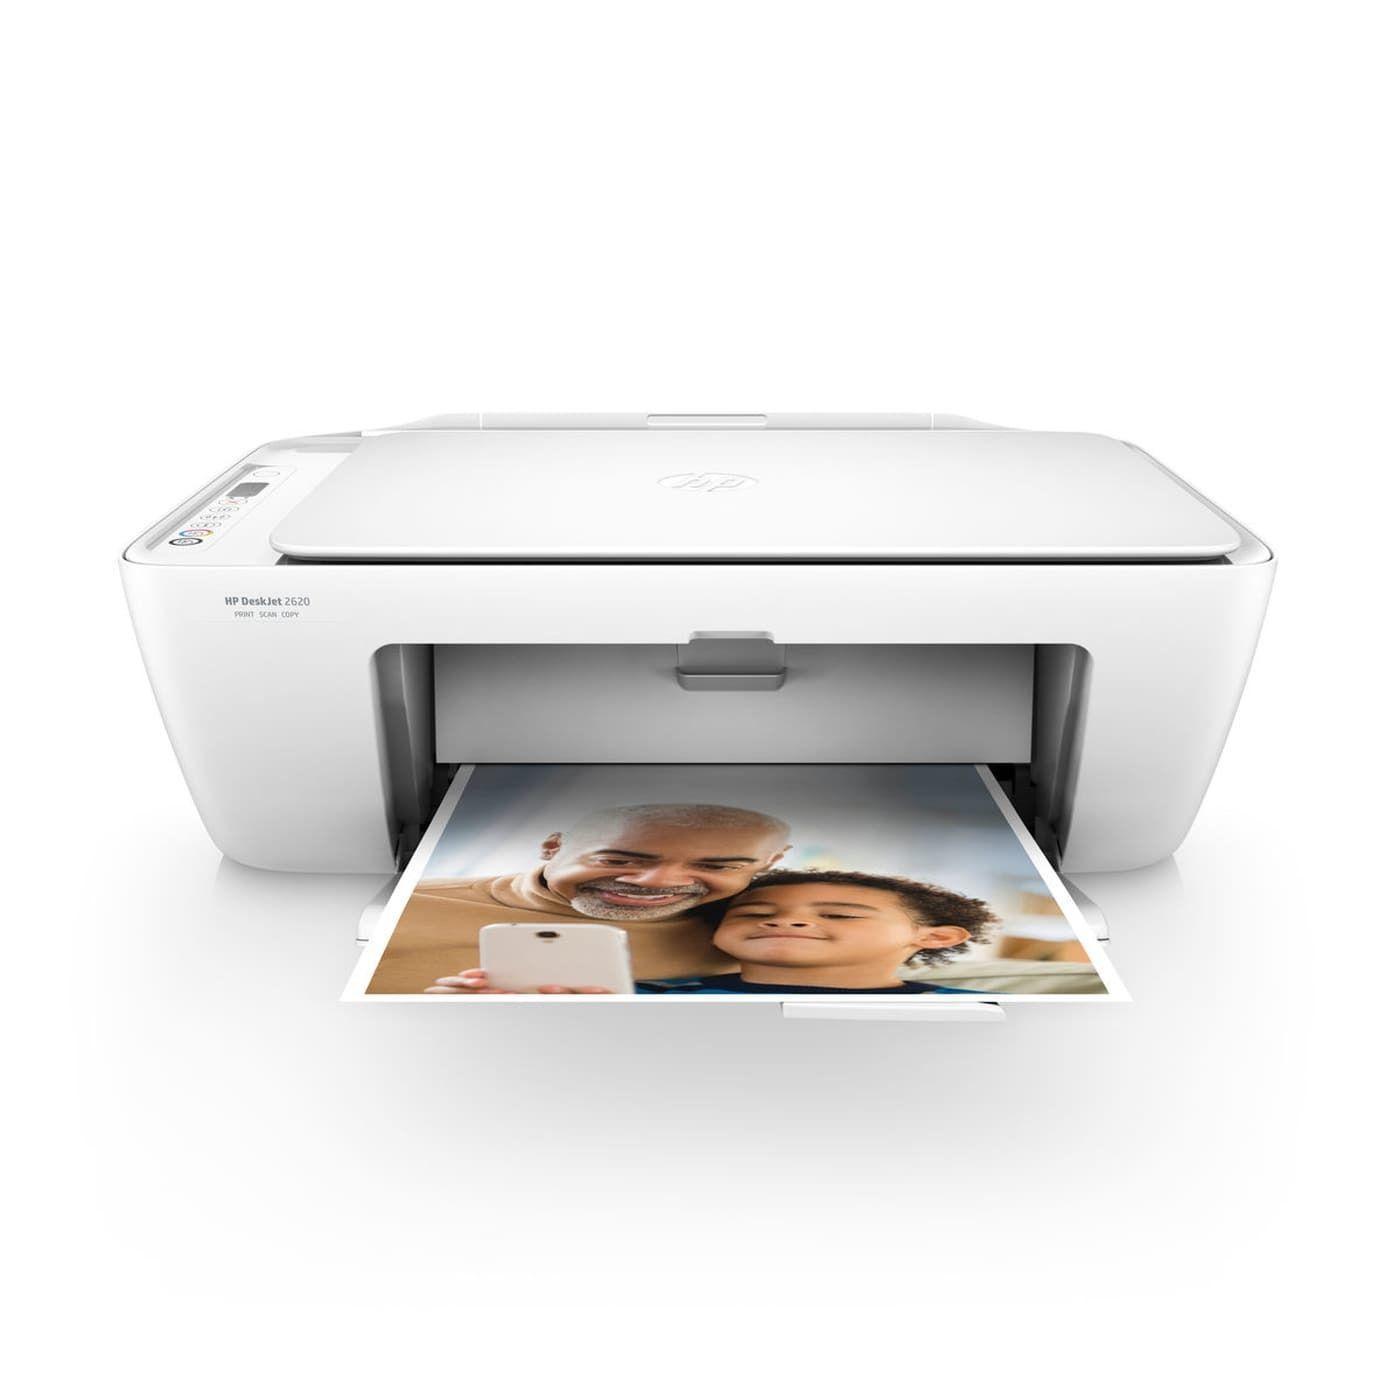 Imprimante multifonctions 4 en 1 Deskjet 2620 - Blanc